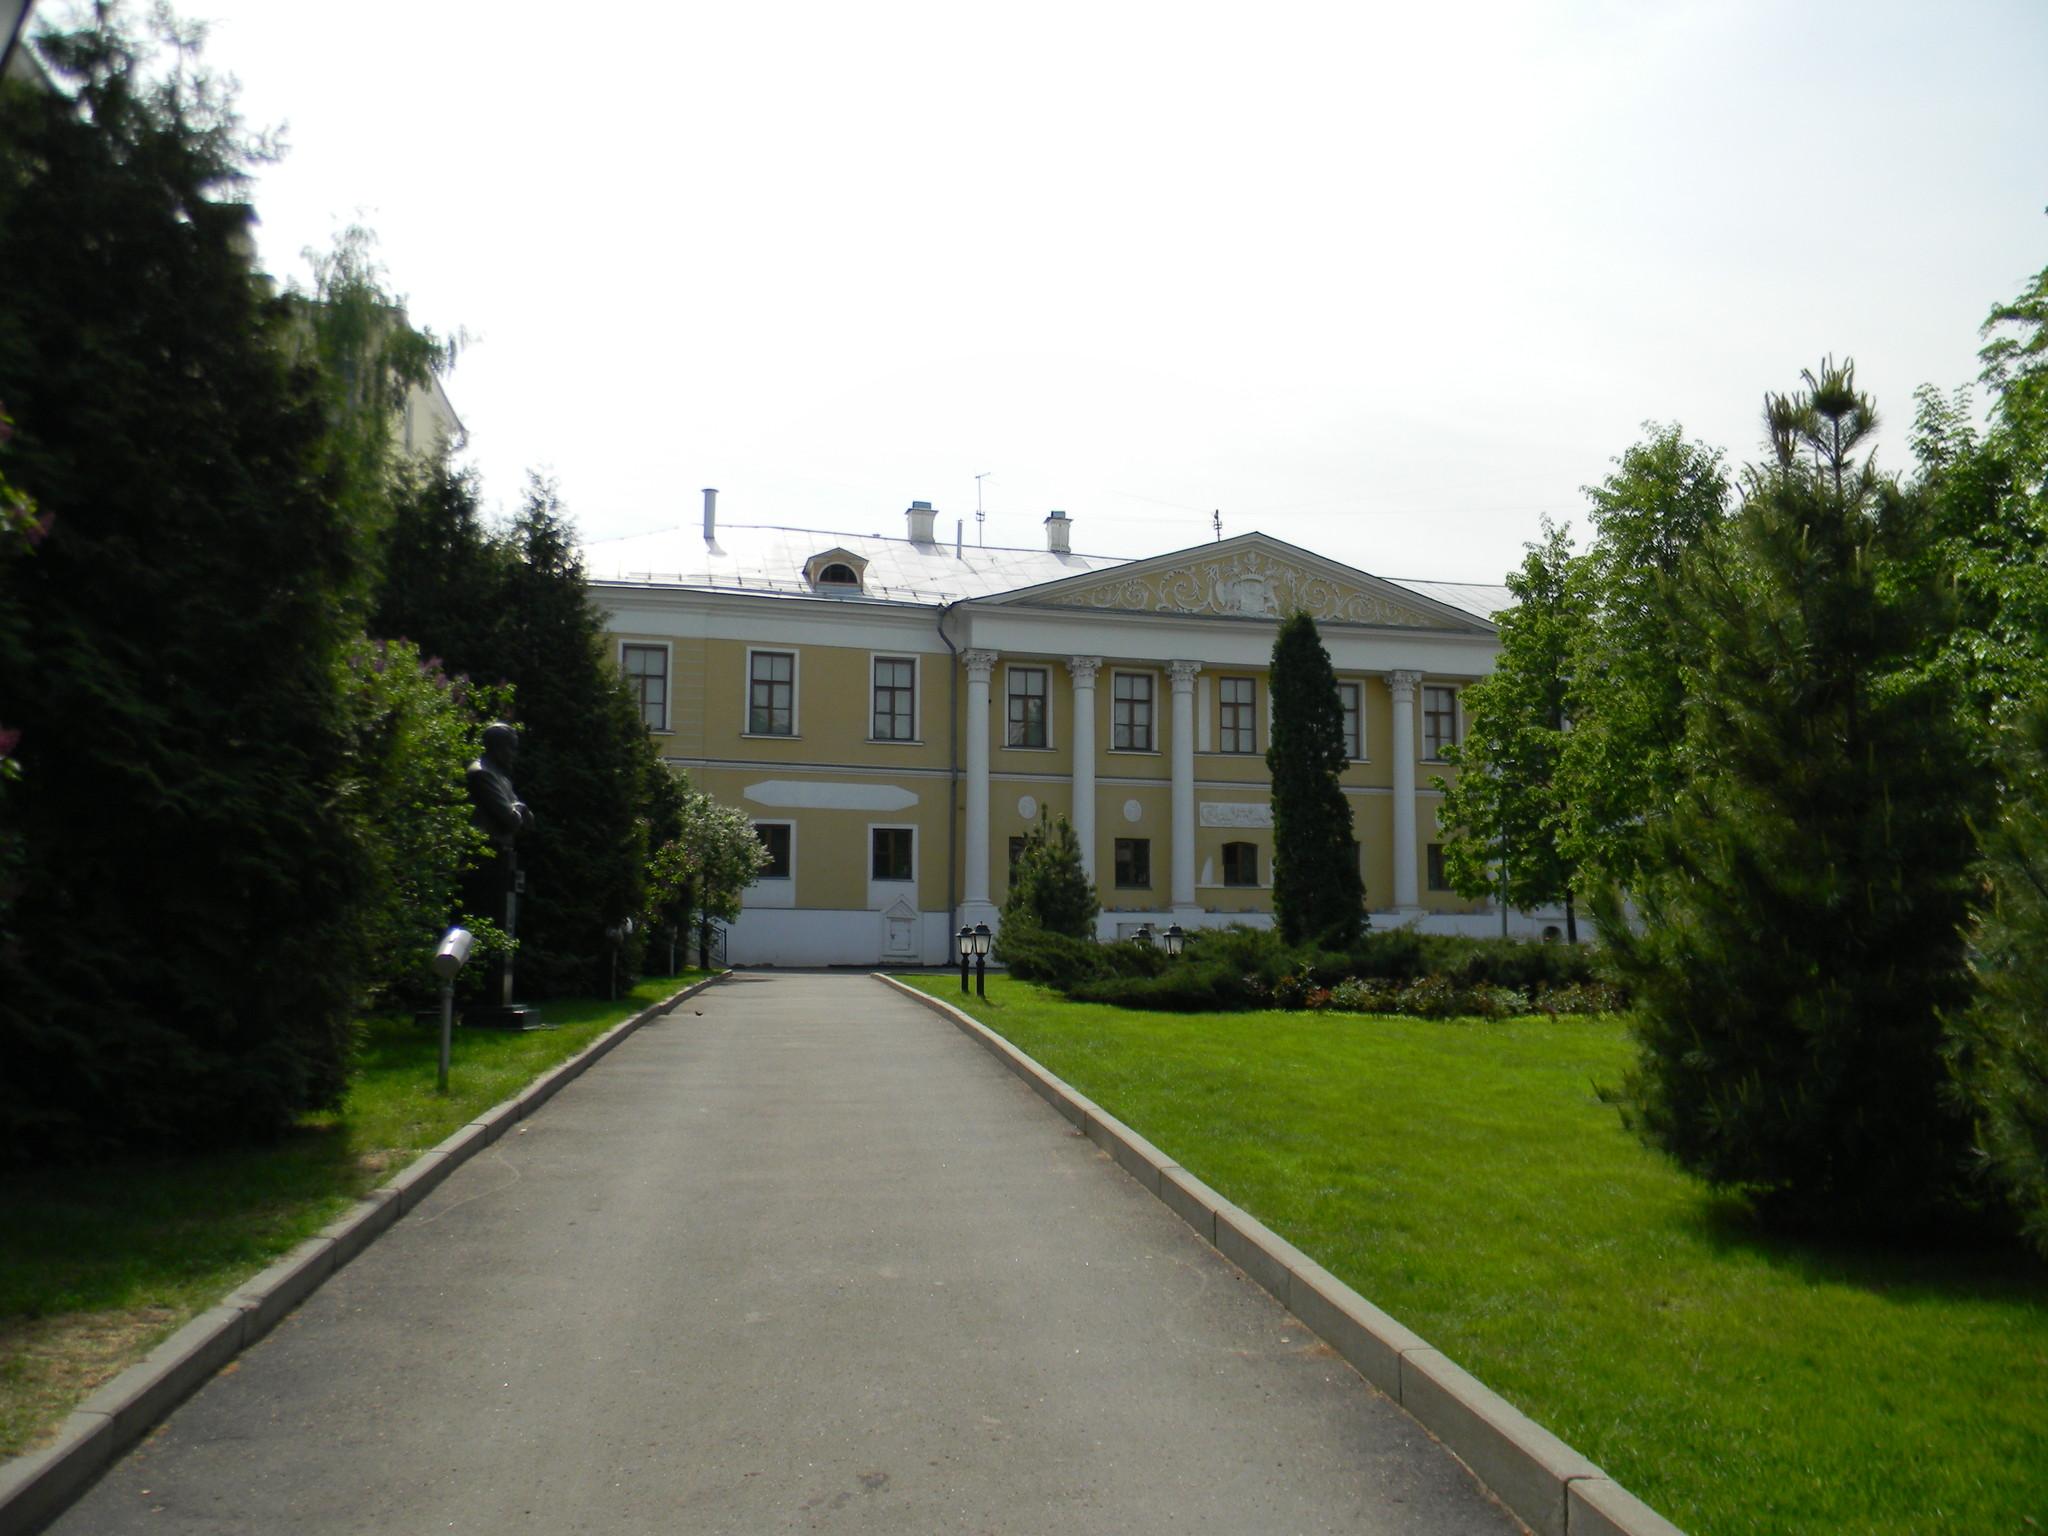 Музей имени Н.К. Рериха Международного Центра Рерихов